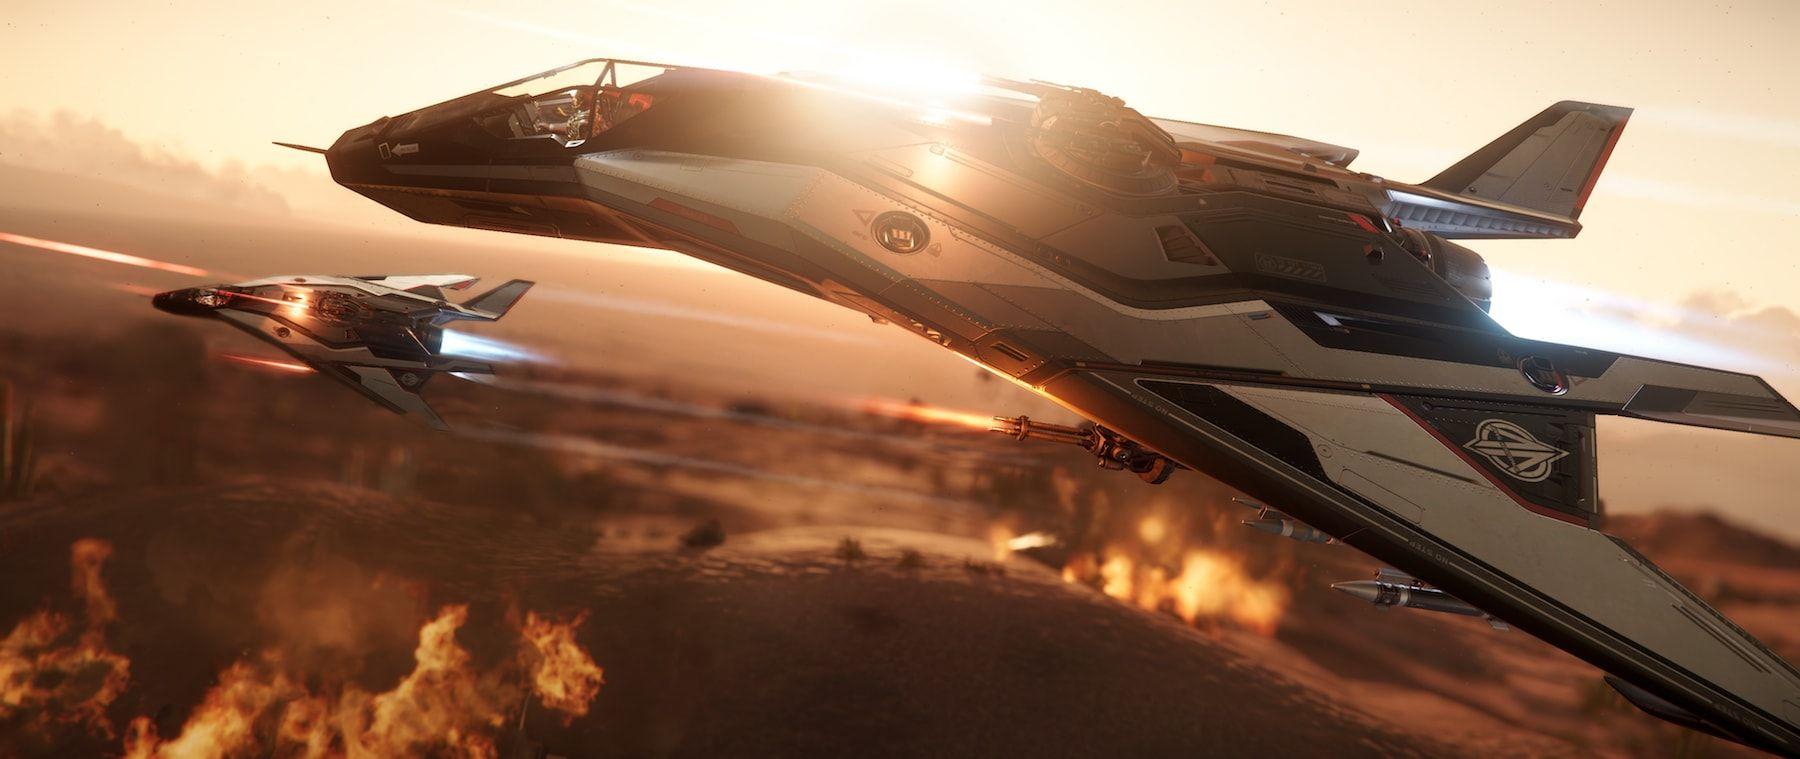 Anvil Aerospace Arrow - lot nad kanionami